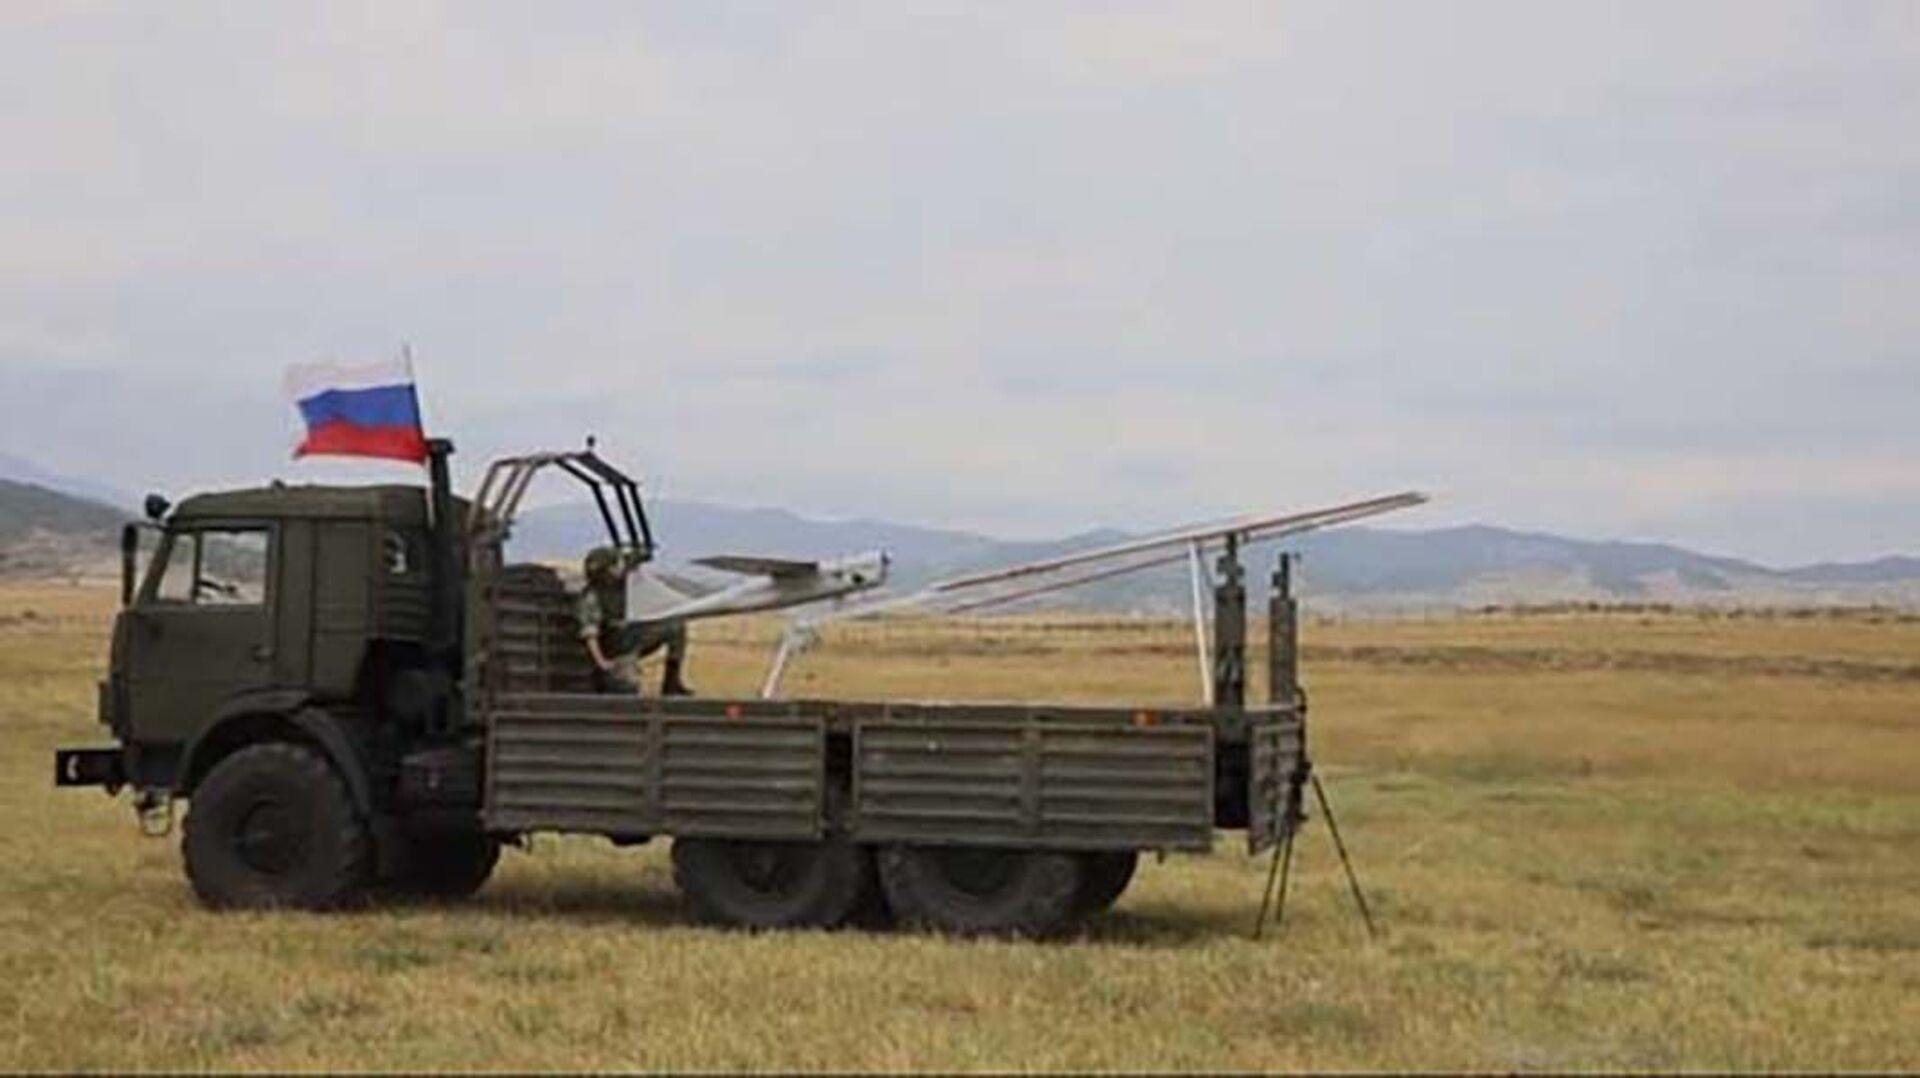 Работа расчета БпЛА «Орлан-10» - Sputnik Азербайджан, 1920, 28.09.2021